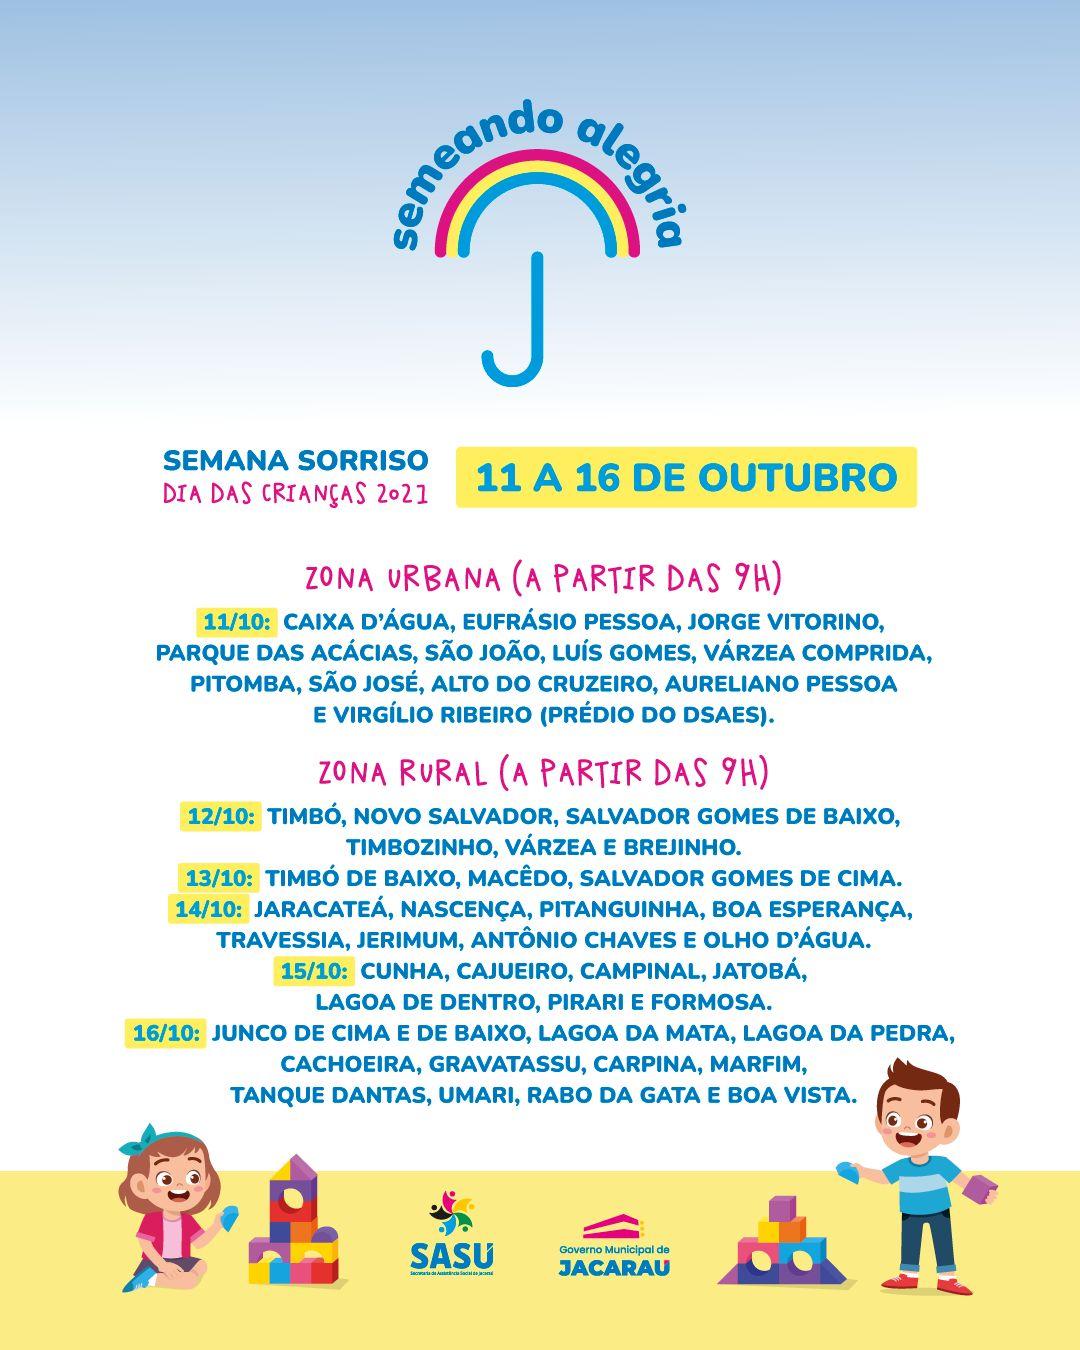 Secretaria de assistência social vai comemorar o dia das crianças com uma semana itinerante.